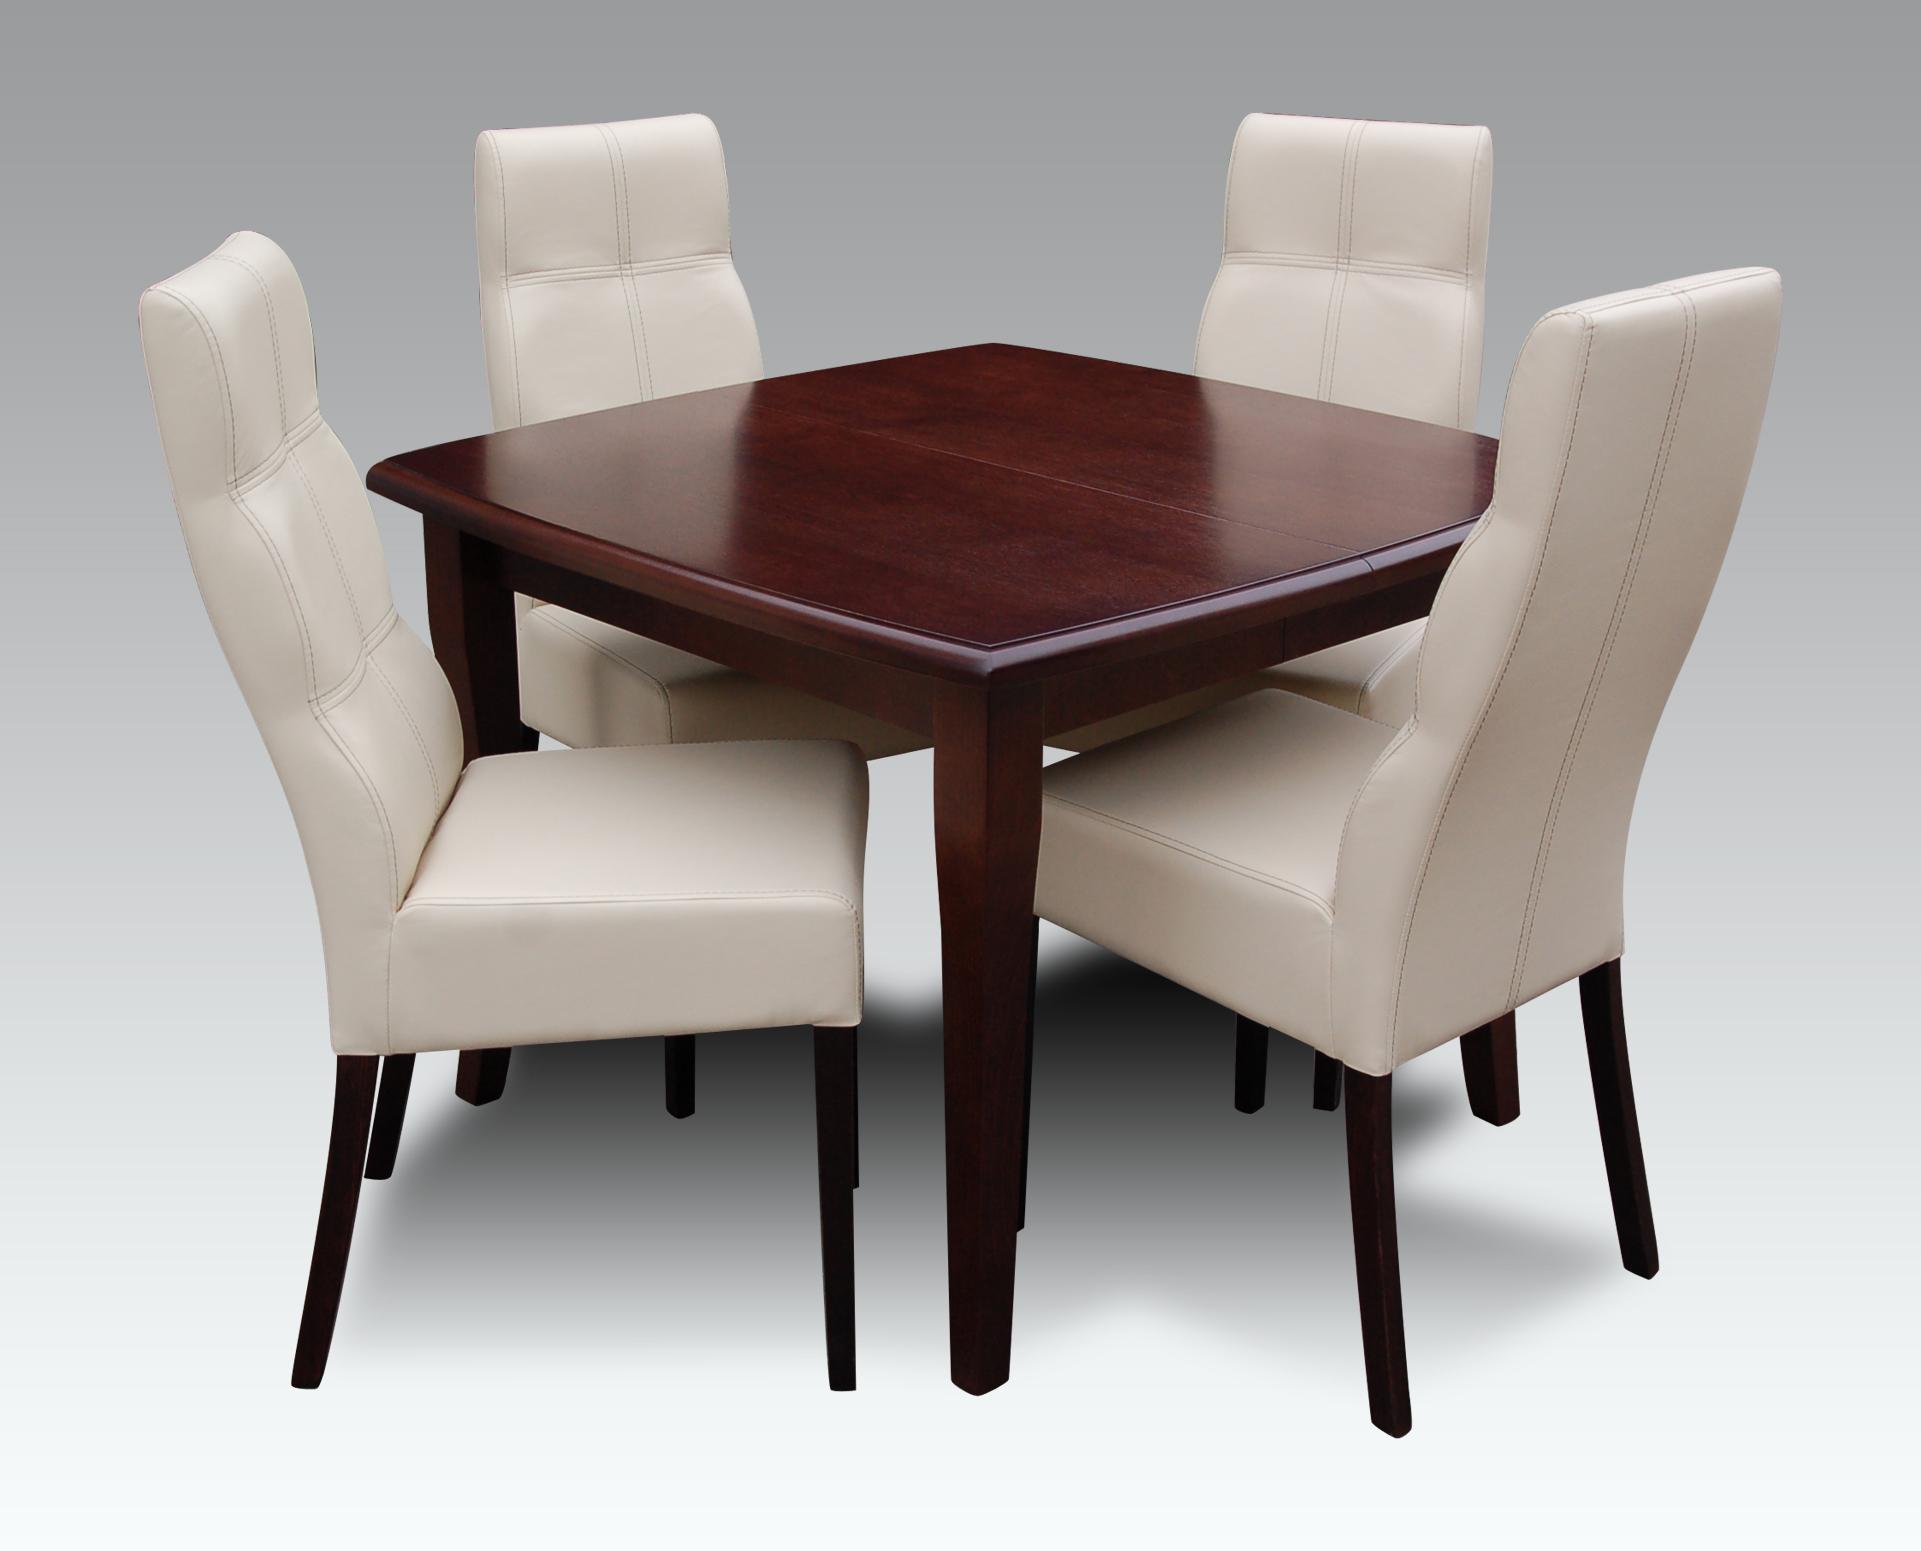 4 Stühle Set Garnituren Komplett Wohnzimmer Esszimmer Ausziehbar 250cm Tisch- & Stuhl-sets Tisch